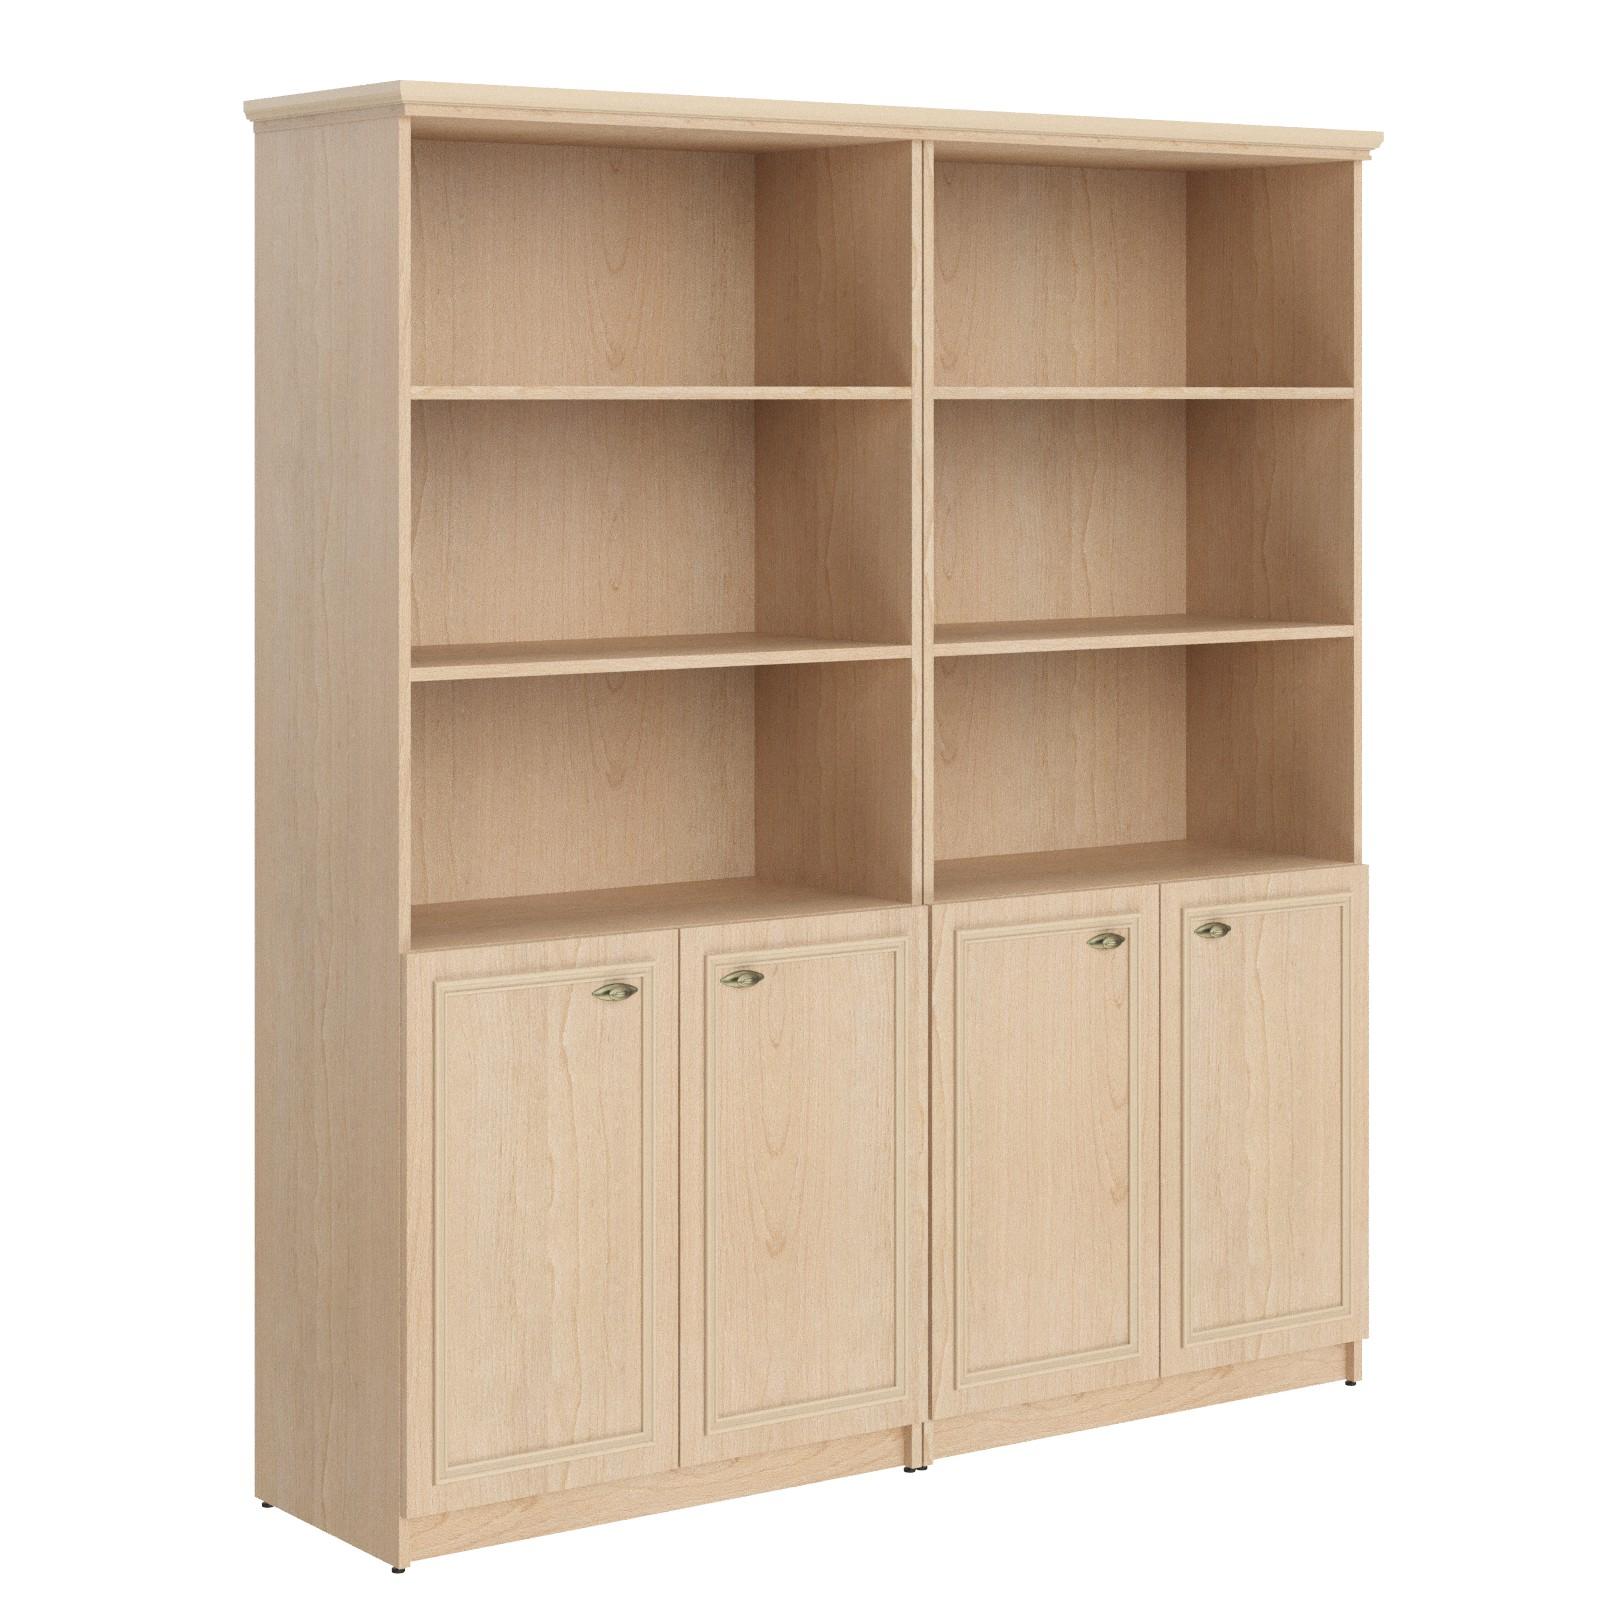 Шкаф высокий 2-х секц. с малыми дверьми rhc 180.5 бук тиара .